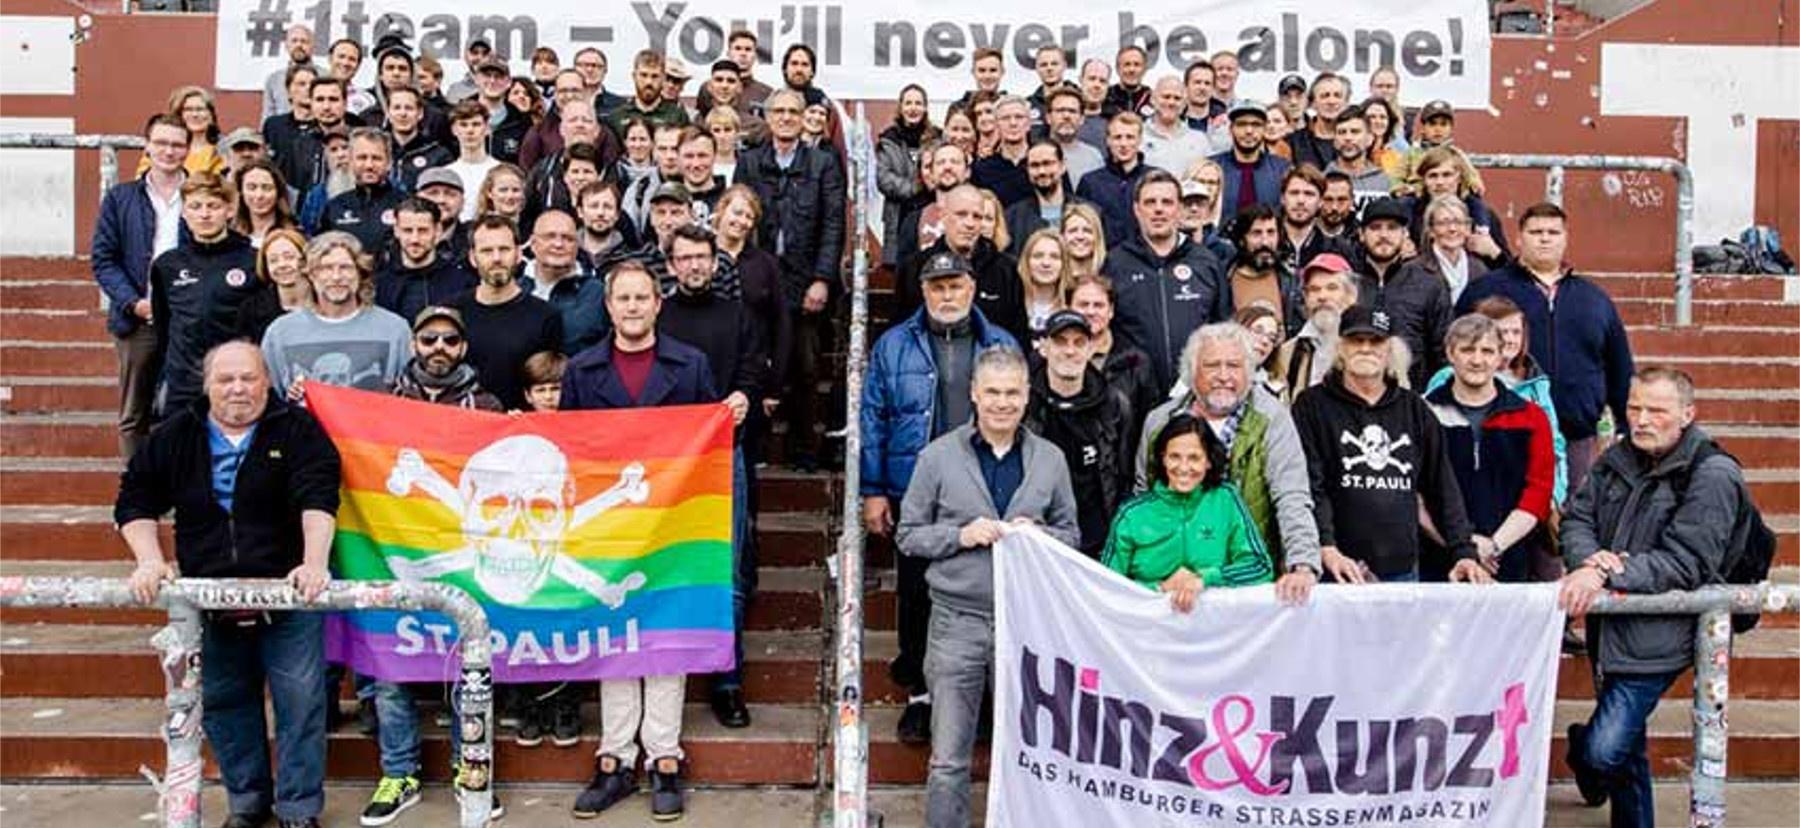 insgesamt 100 Mitarbeiter*innen und Präsidium des FC St. Pauli und des Strassenmagazins Hinz & Kunzt. Sie stehen auf der Tribüne des FC St. Pauli. Vorne werden je eine Fahne vom FC St. Pauli und des Straßenmagazins hochgehalten.